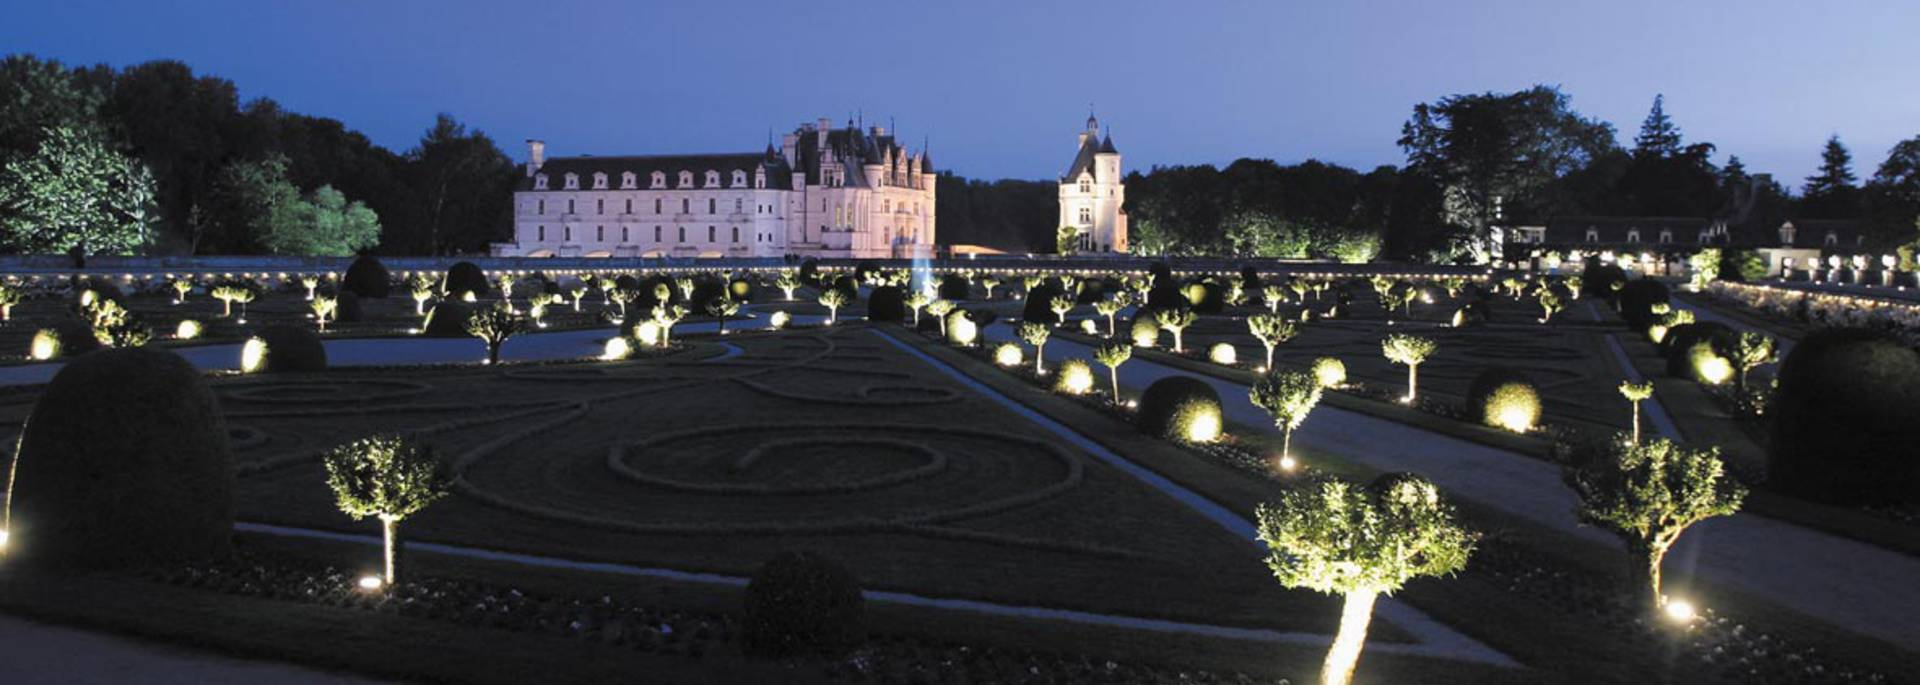 Schloss Chenonceau bei Nacht © Images de Marc